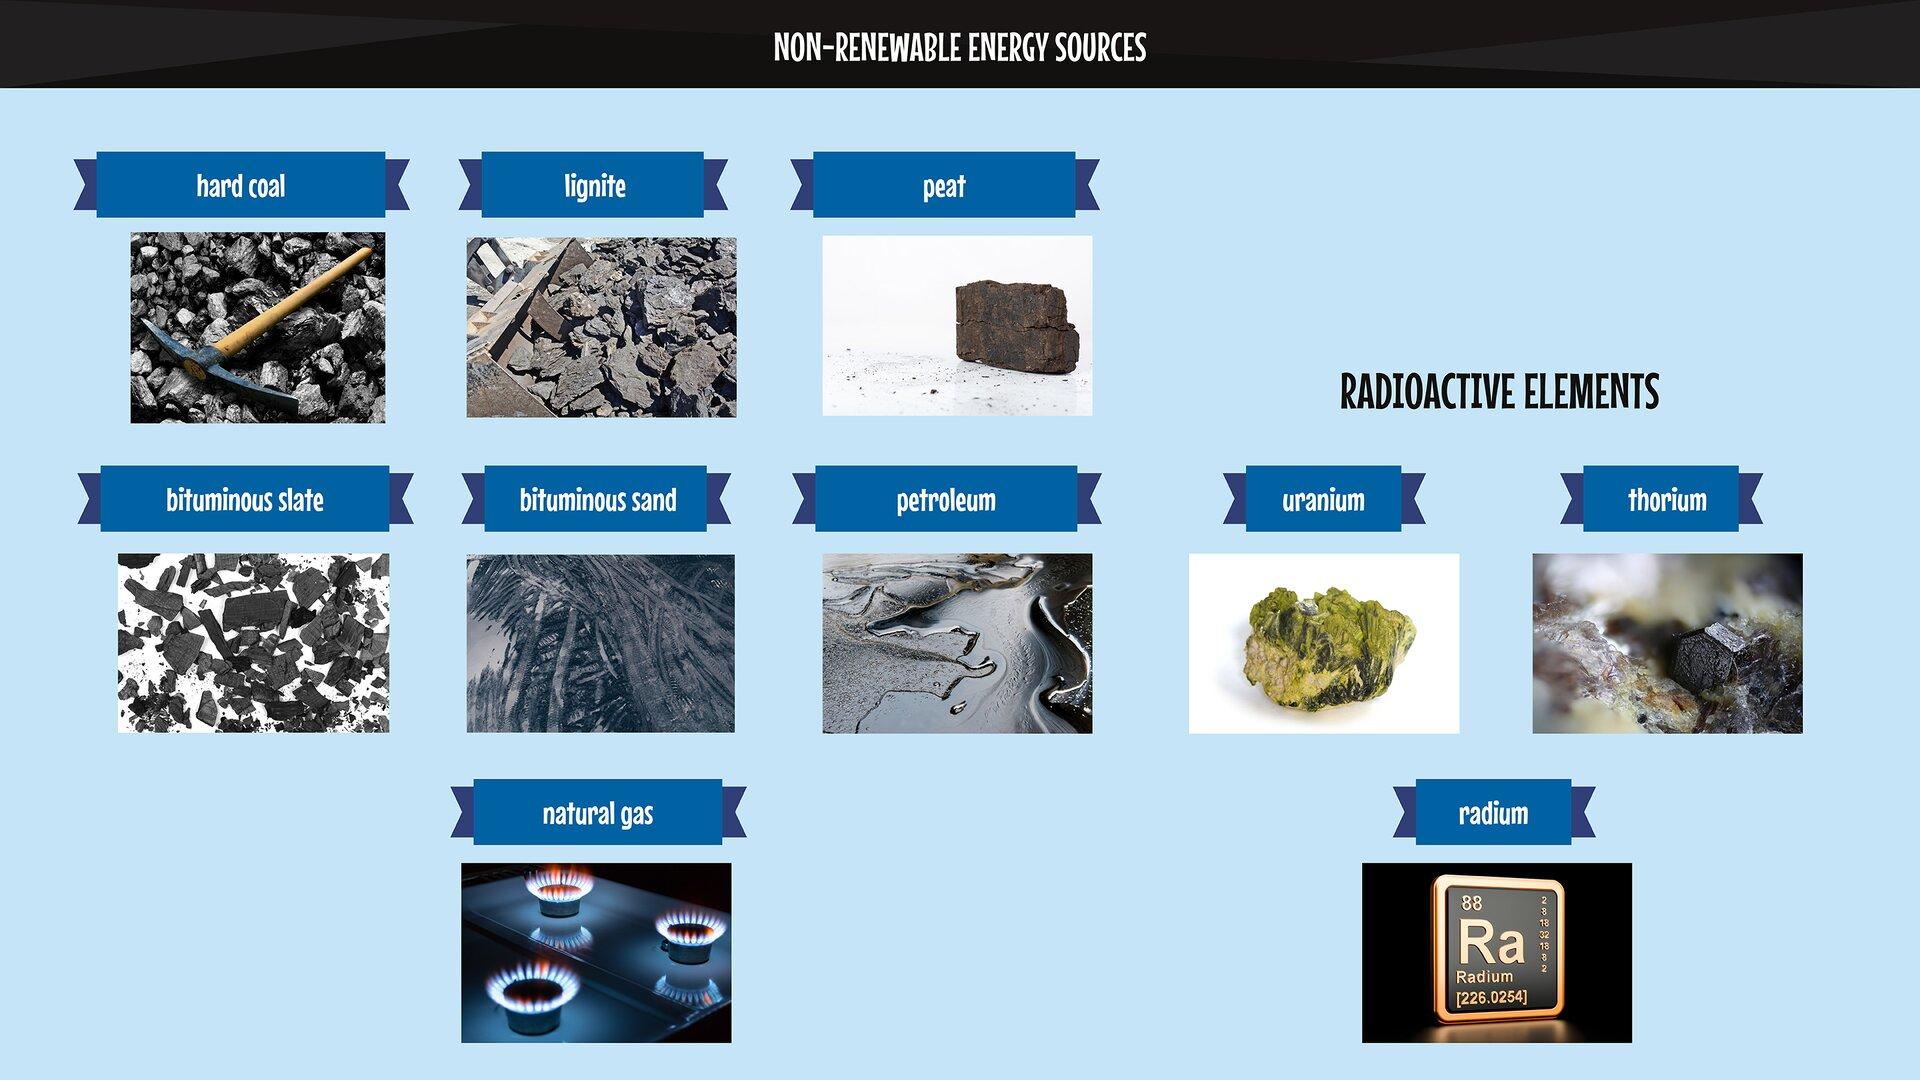 The image presents fossil raw materials that can be turned into energy, in other words non-renewable energy sources. Grafika przedstawia surowce kopalne, które można zamienić wenergię, czyli tzw. nieodnawialne źródła energii.